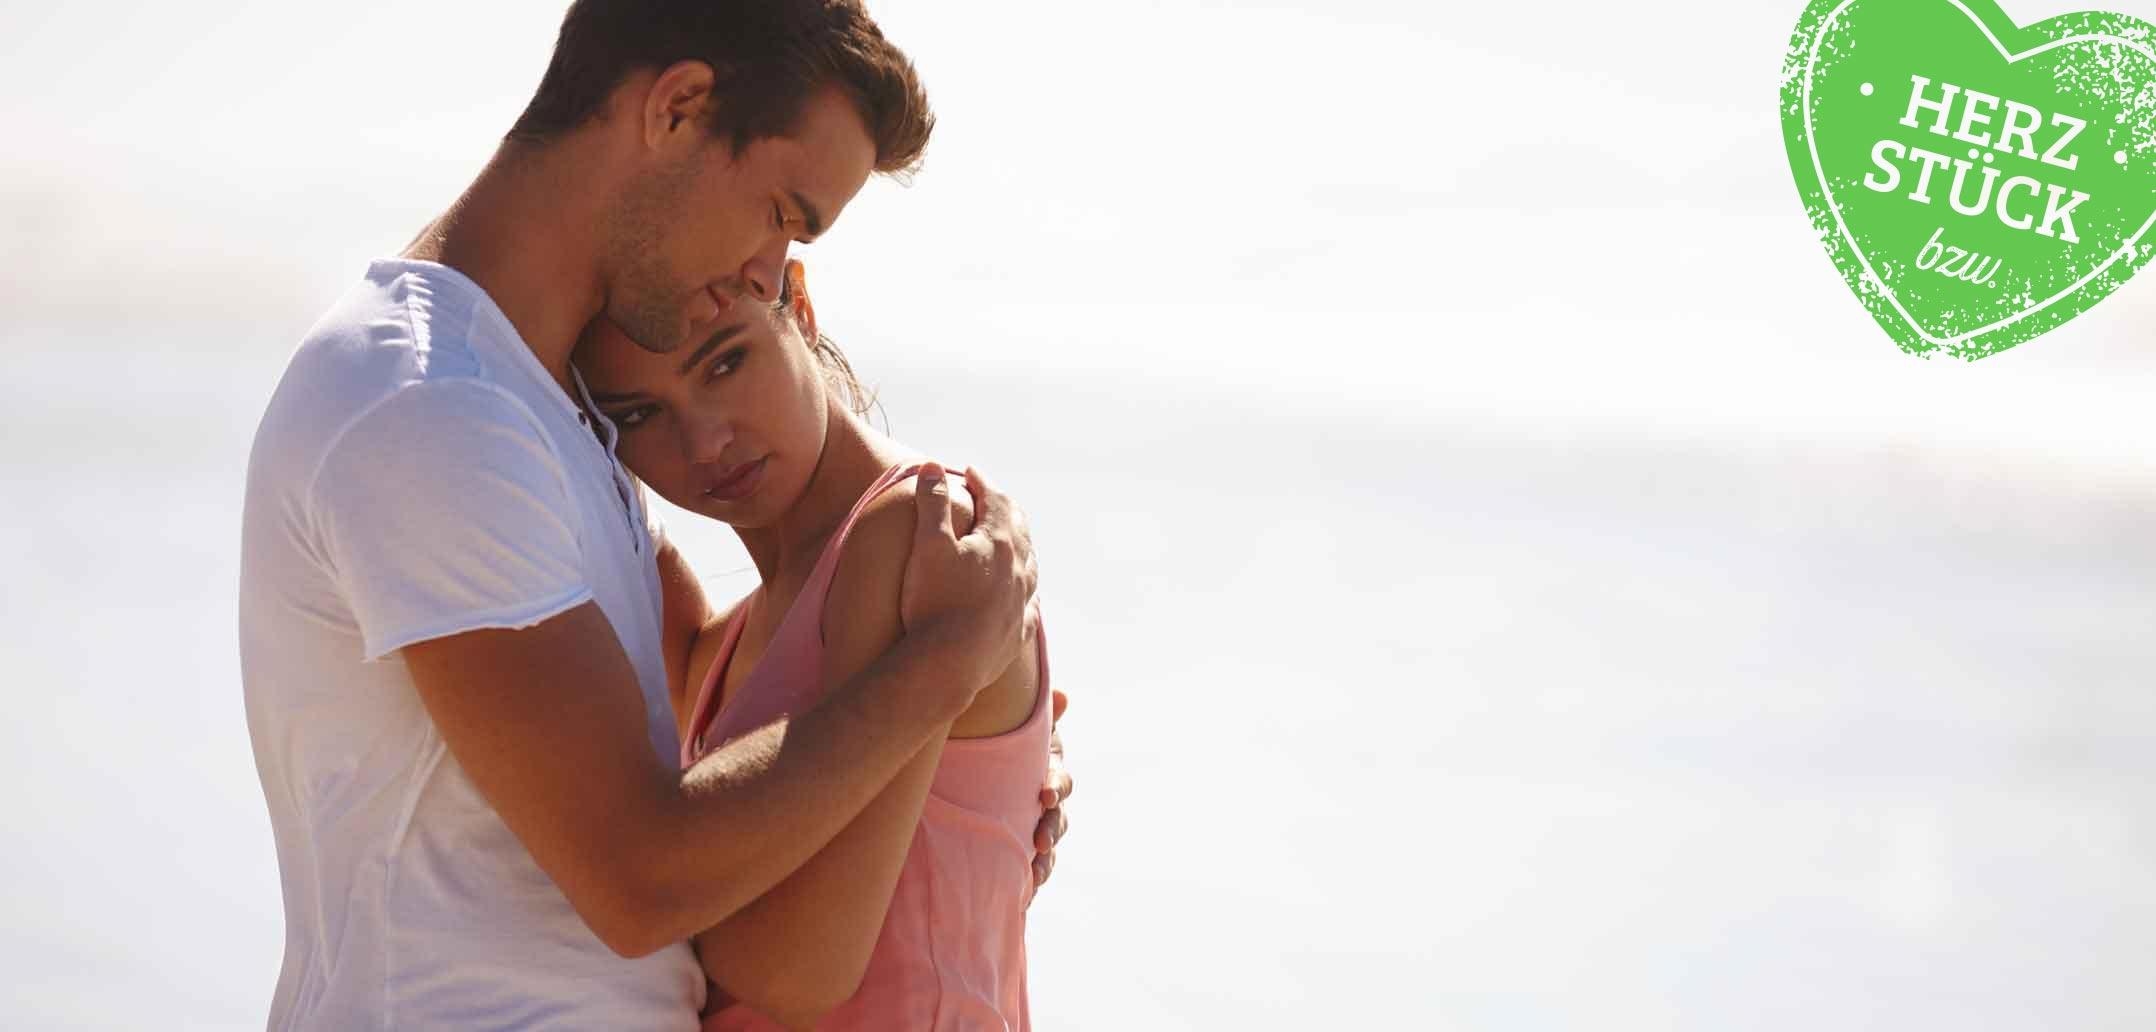 Warum wir um unsere Beziehung kämpfen sollten